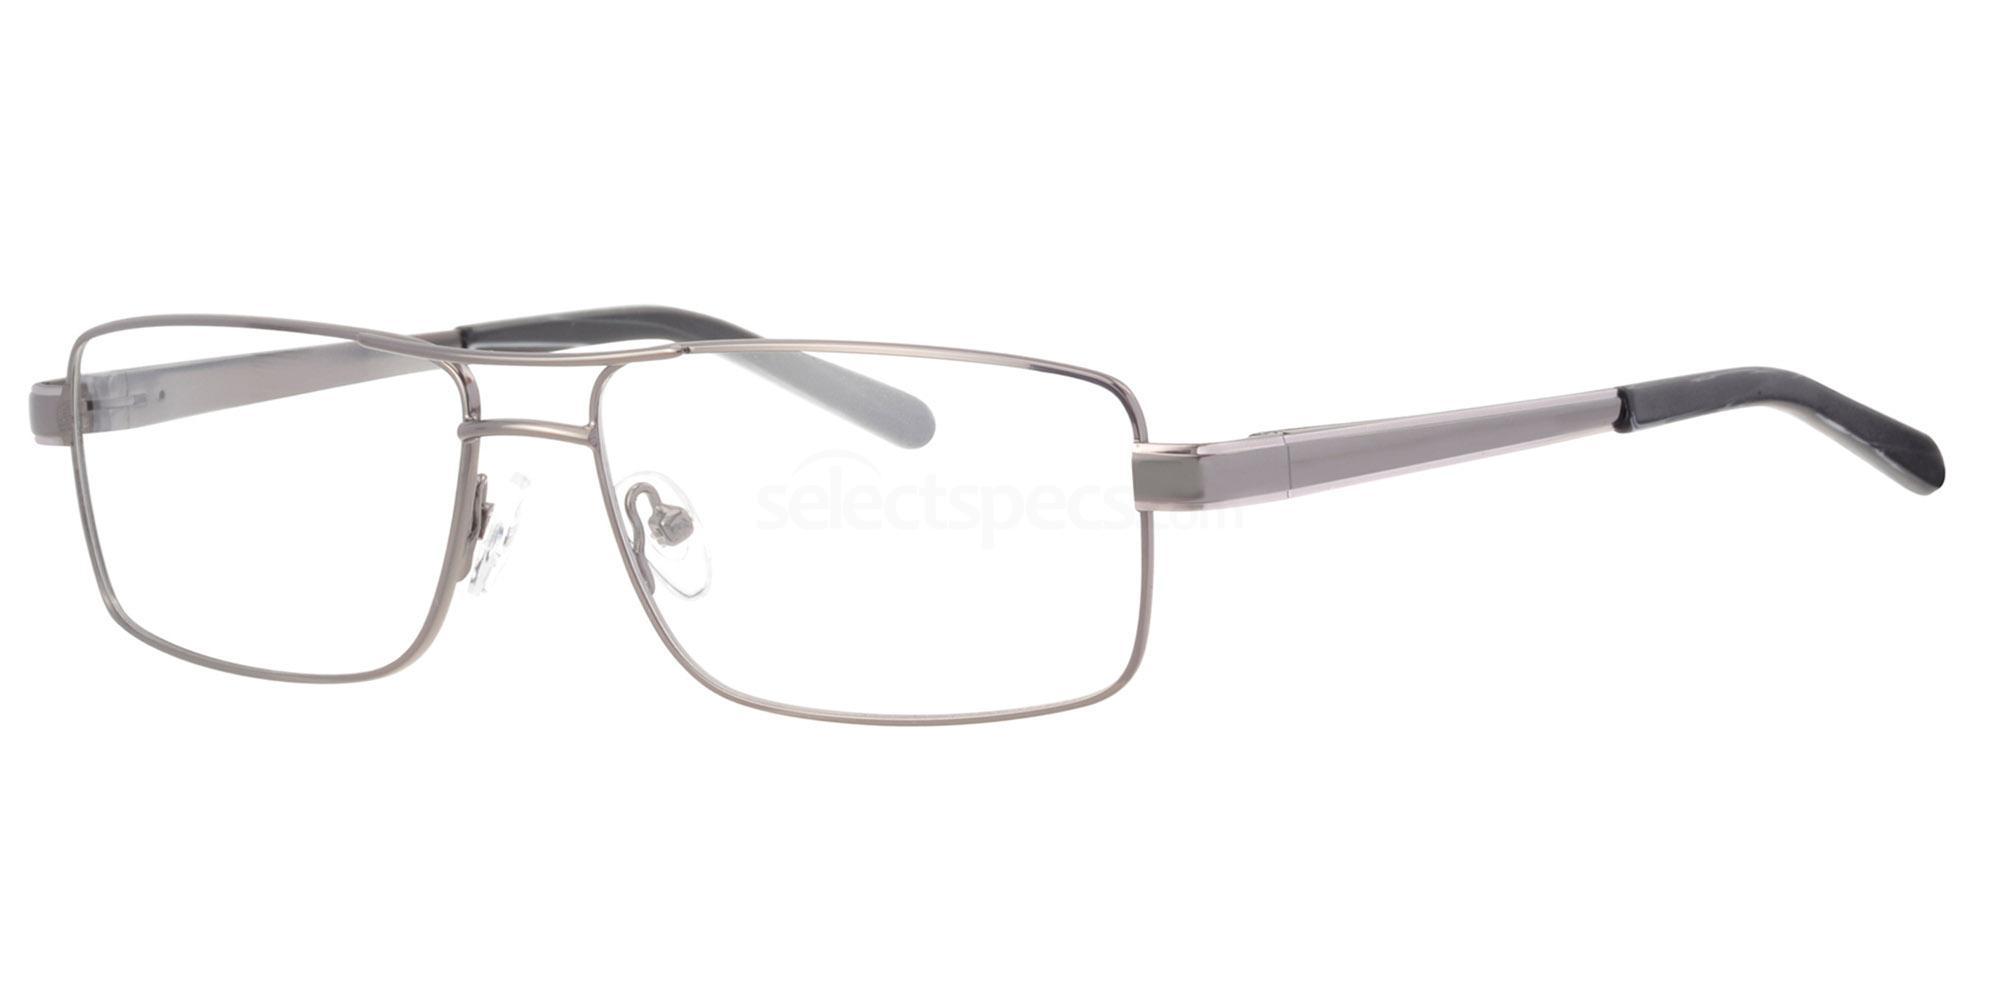 C80 440 Glasses, Visage Elite